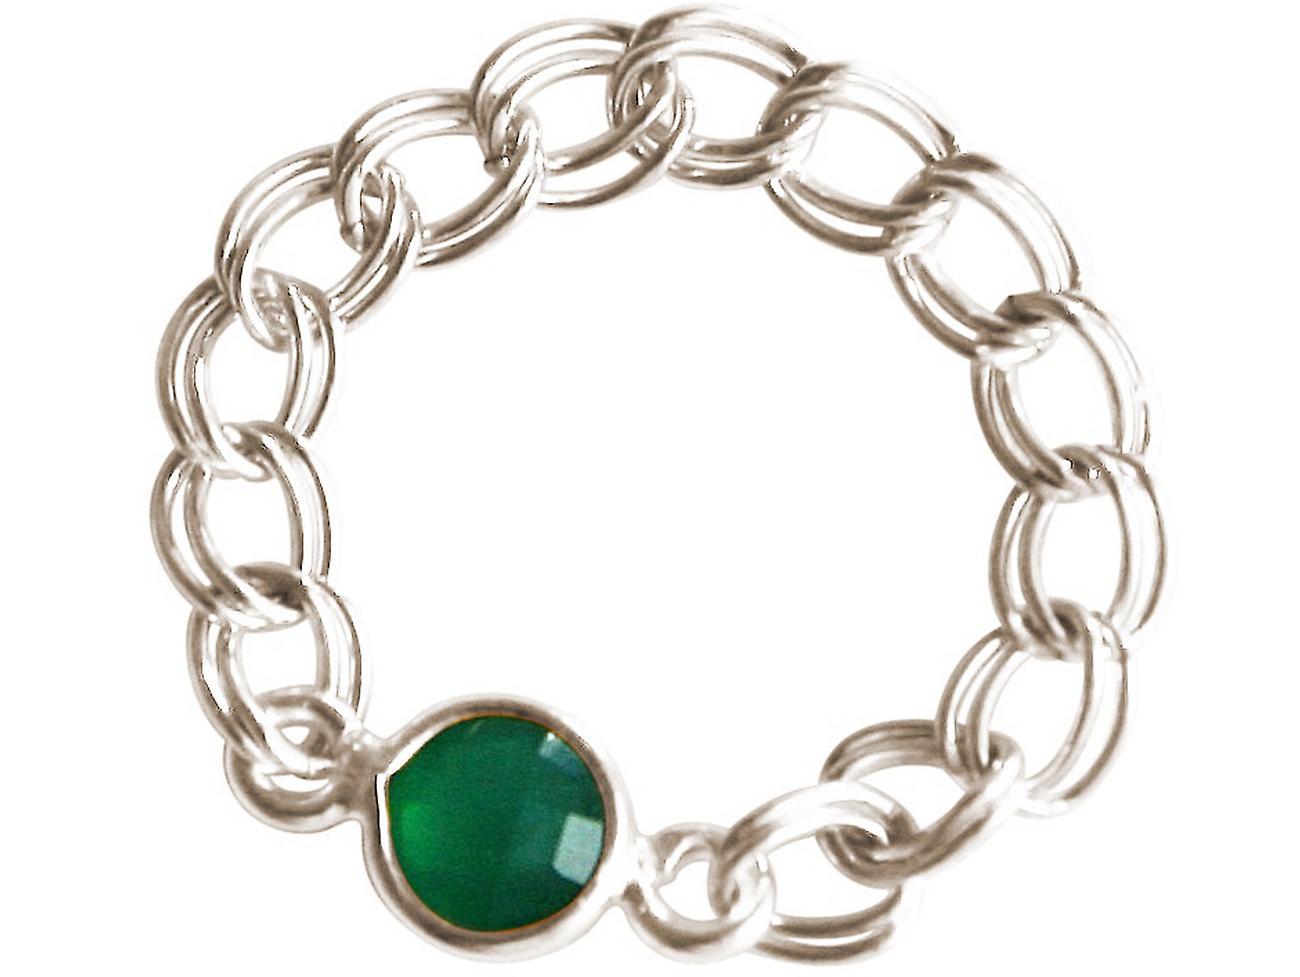 Gemshine - femmes - sacue - 925 argent - Smaragd - vert - Beweglich - Geschmeidig